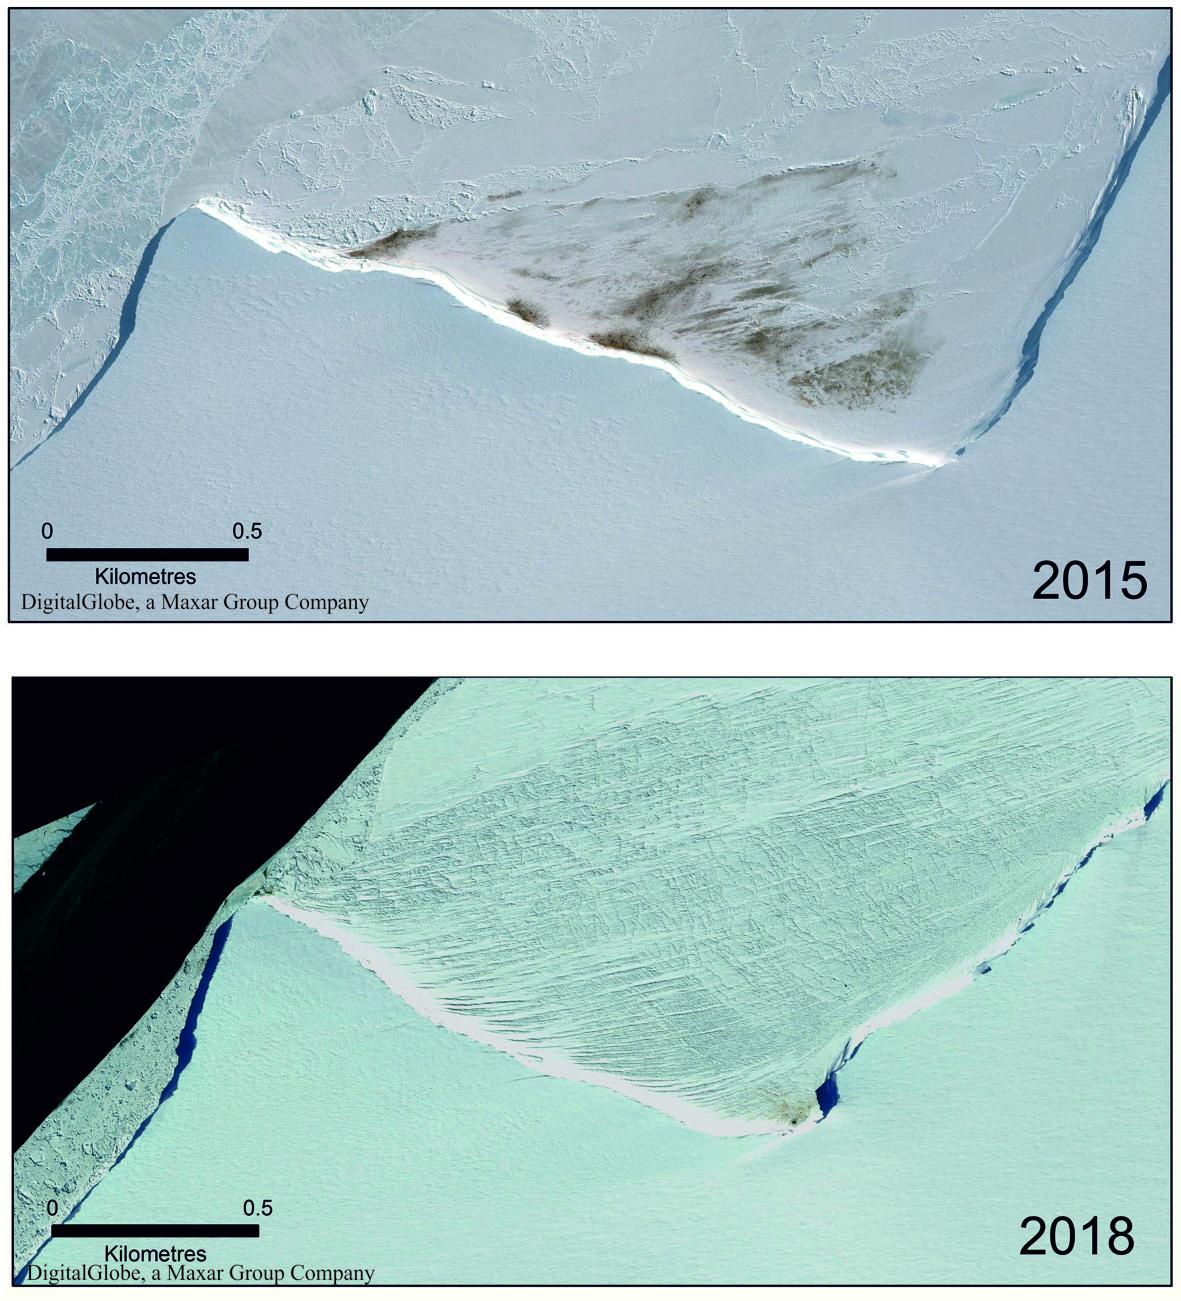 Colônias de pinguins imperadores na Halley Bay caíram dramaticamente de 2015 a 2018, como mostradas por essas imagens de satélite. Em 2019, a colônia desapareceu